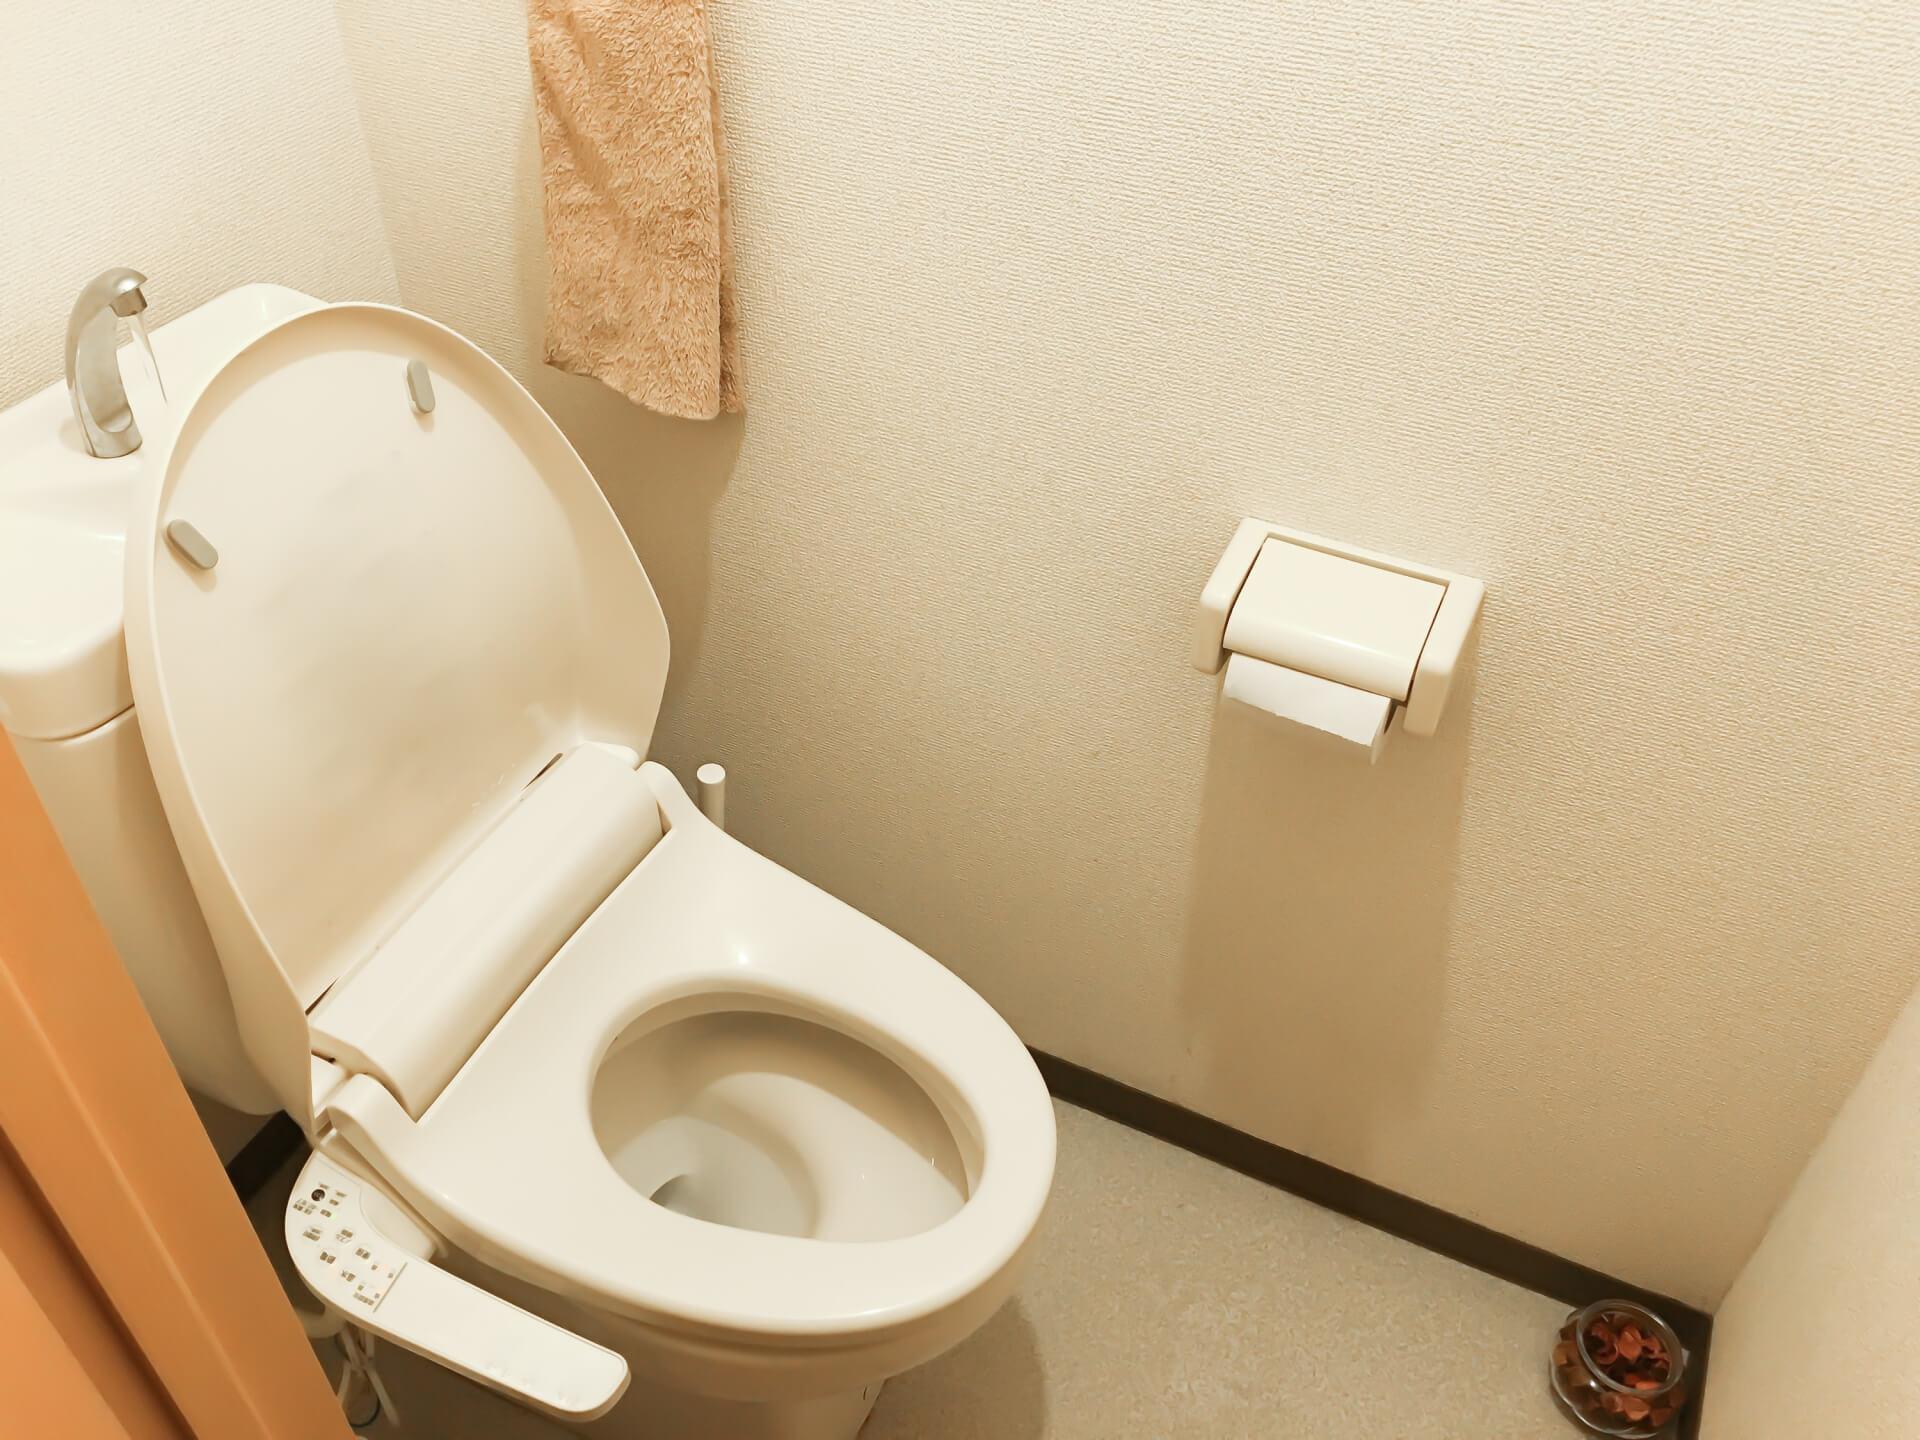 トイレの水漏れ修理!パッキン交換方法について